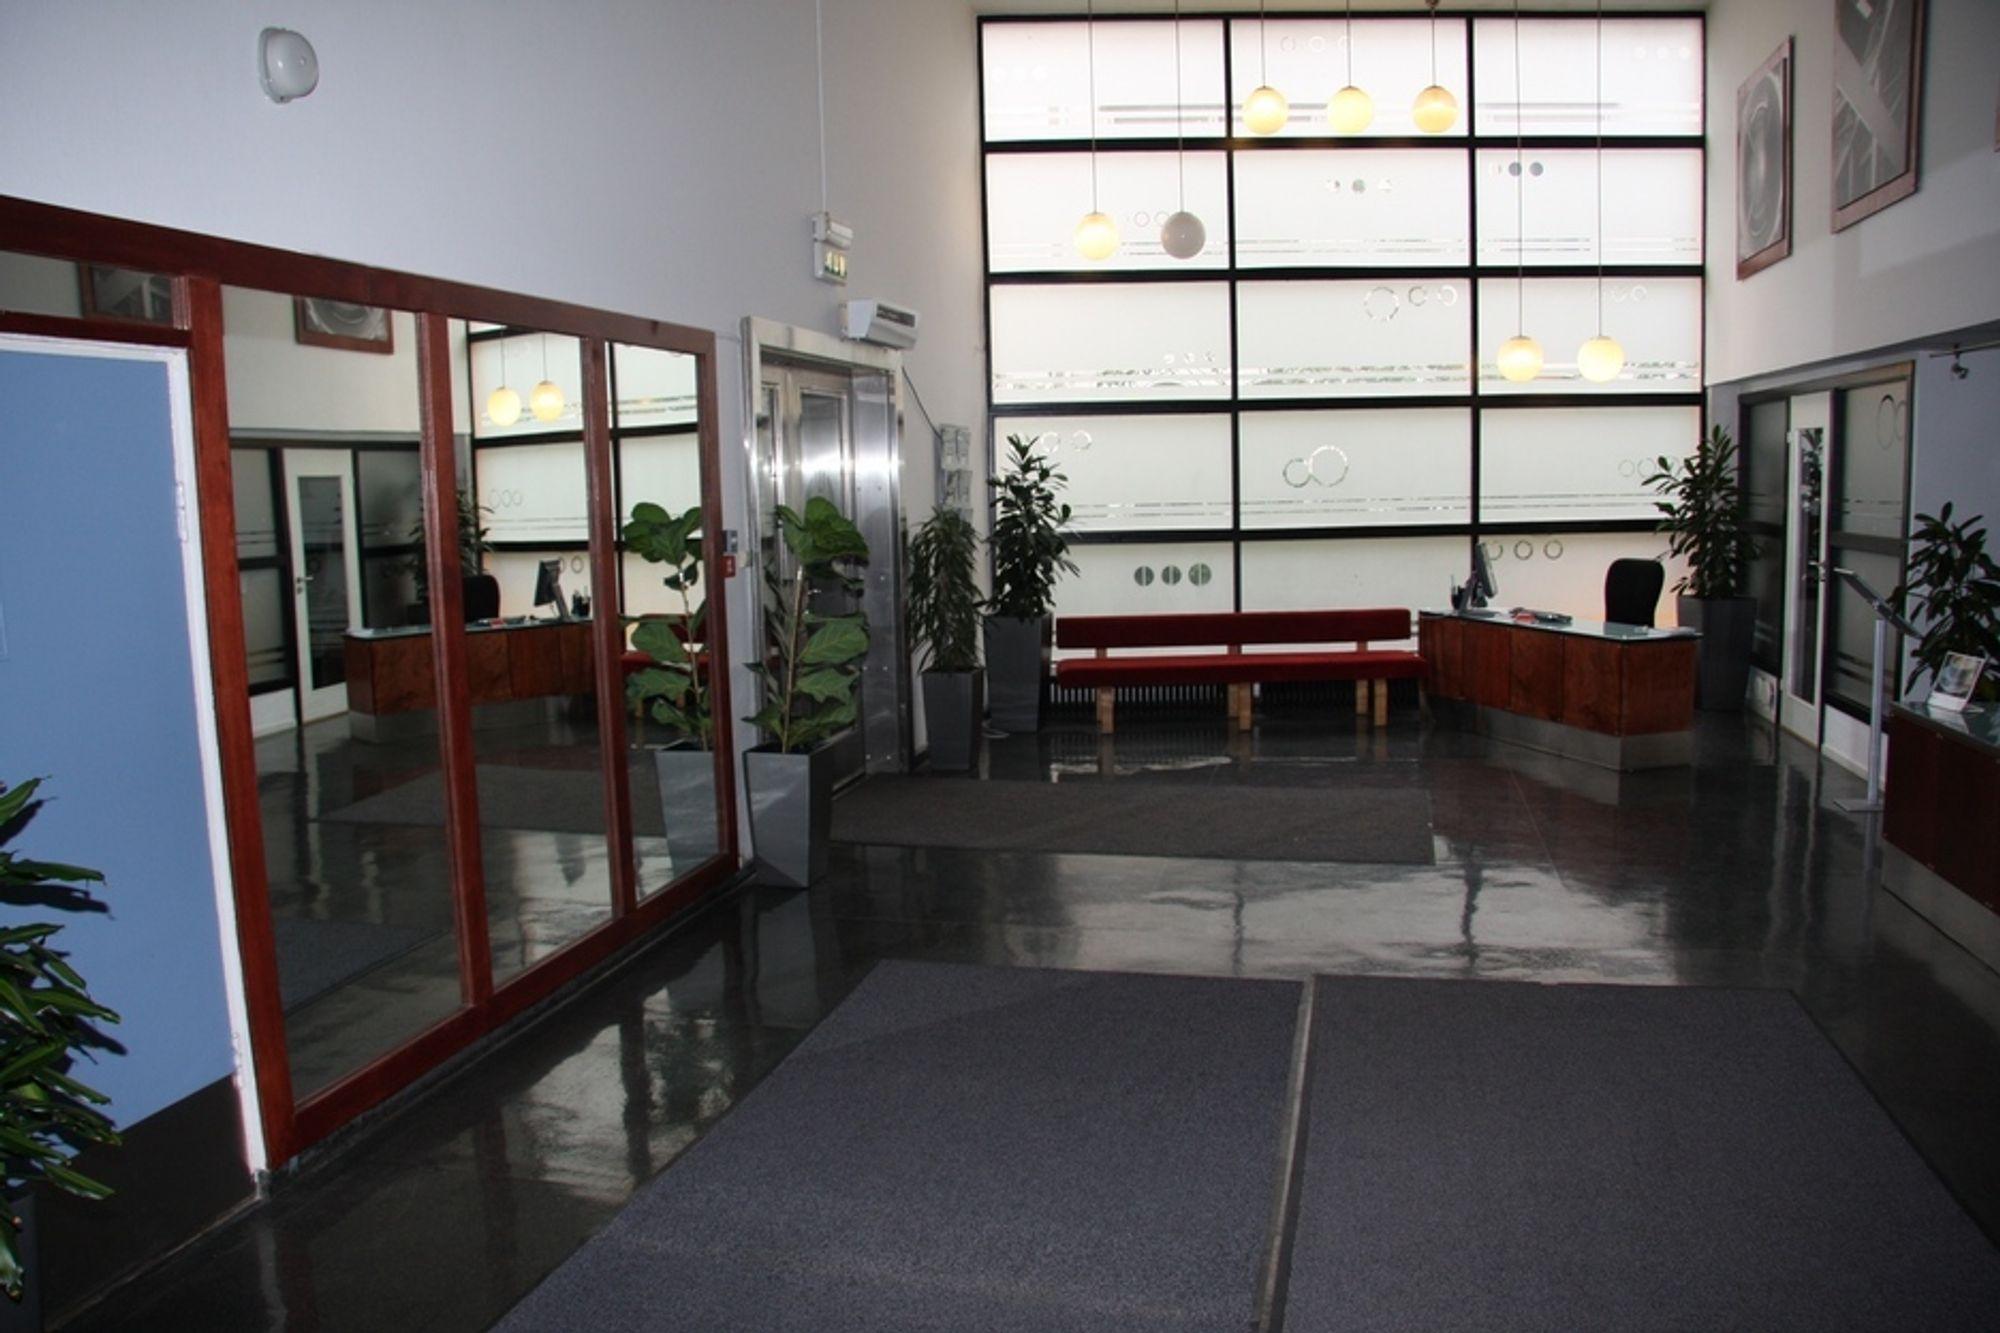 INGENIØRENES HUS: Et av møterommene, slik det ser ut i dag. Her blir det blant annet tilrettelagt for rullestolbrukere.